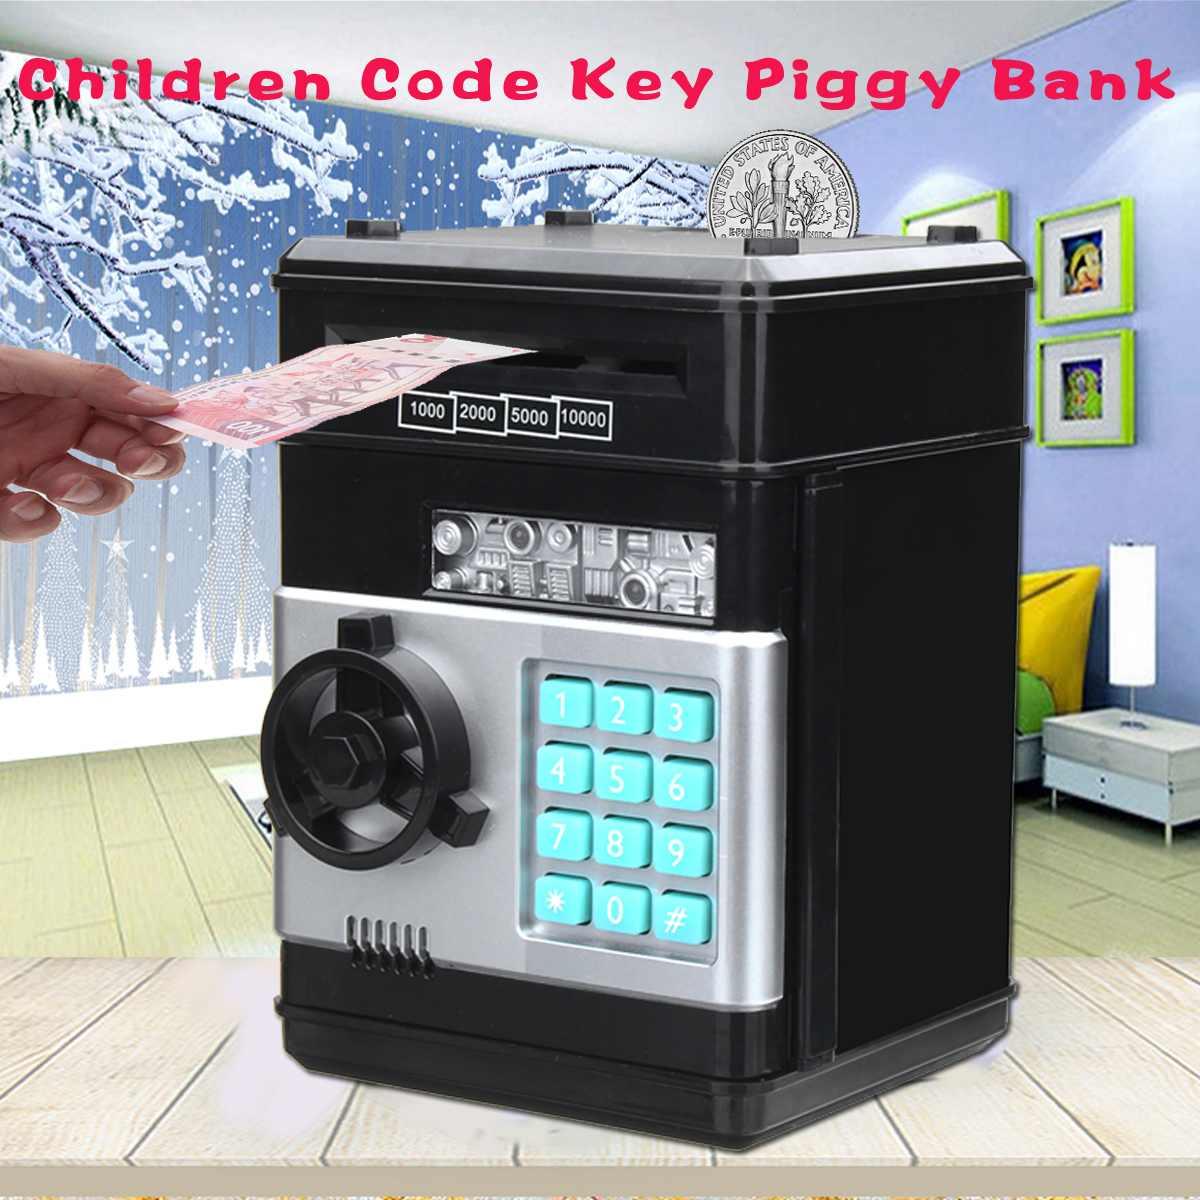 Cofrinho eletrônico com senha de código, bloqueio de chave, moedas automáticas, economia de dinheiro, contador de dinheiro, mini cofre, criança presente